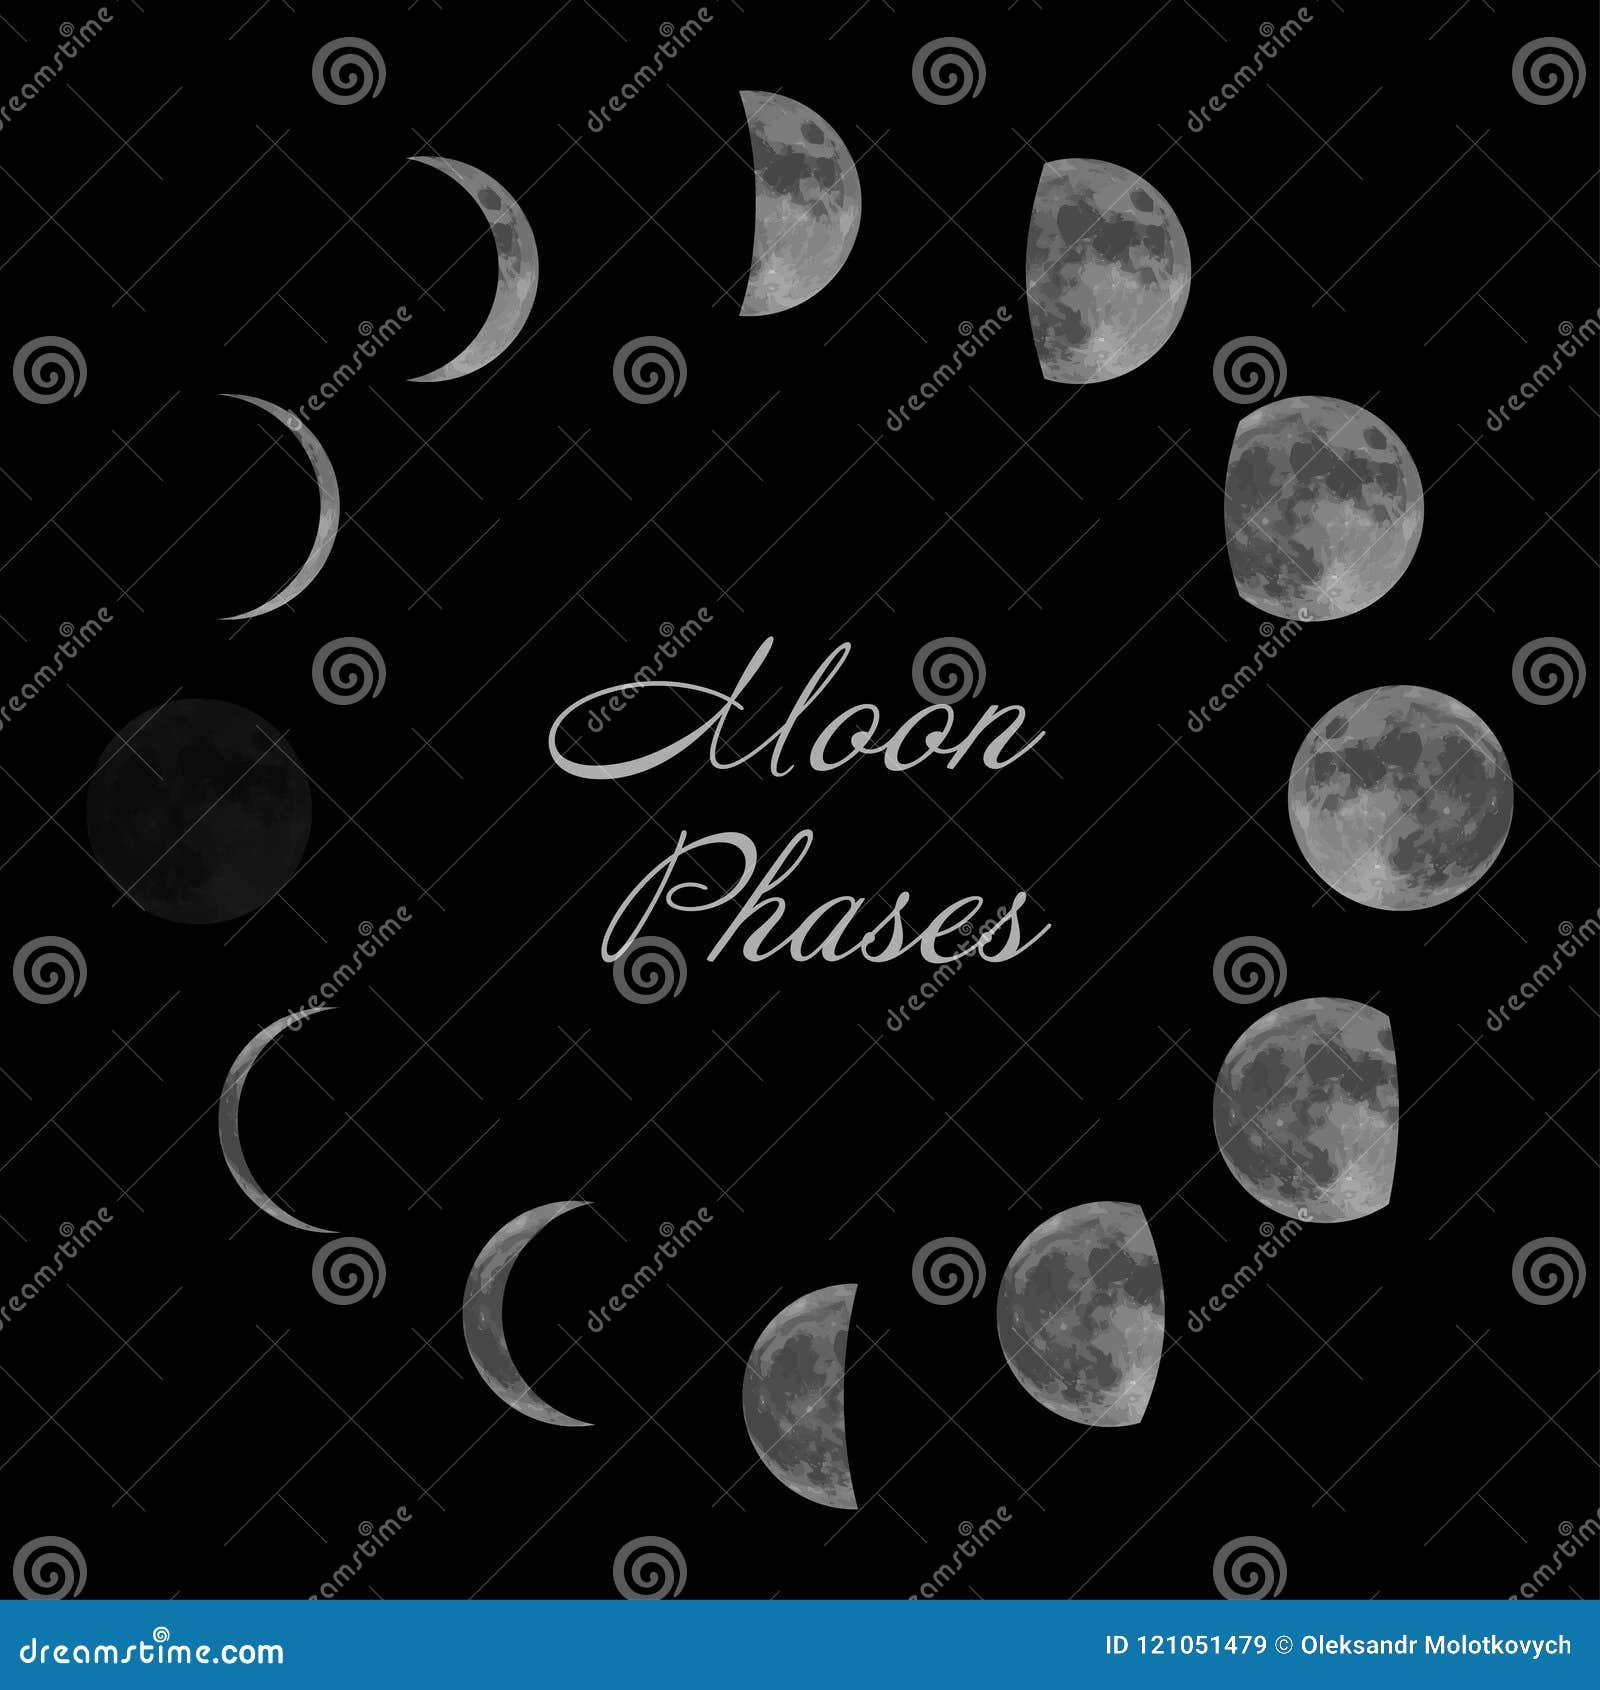 Il Calendario Della Luna.Fasi Lunari Per Il Calendario Della Luna Isolato Su Priorita